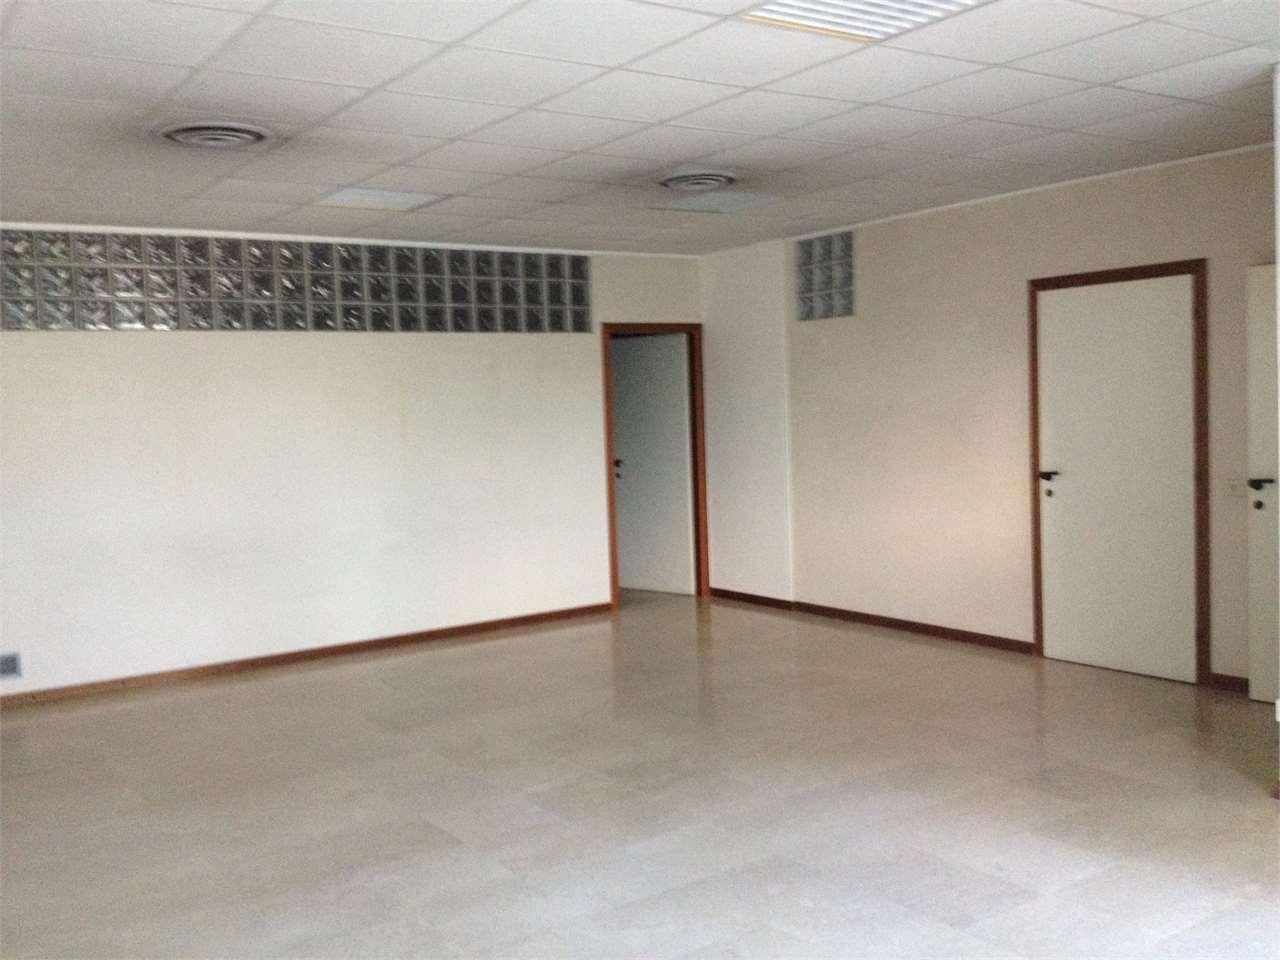 Ufficio / Studio in vendita a Varese, 3 locali, zona Zona: Centro, prezzo € 154.000 | CambioCasa.it